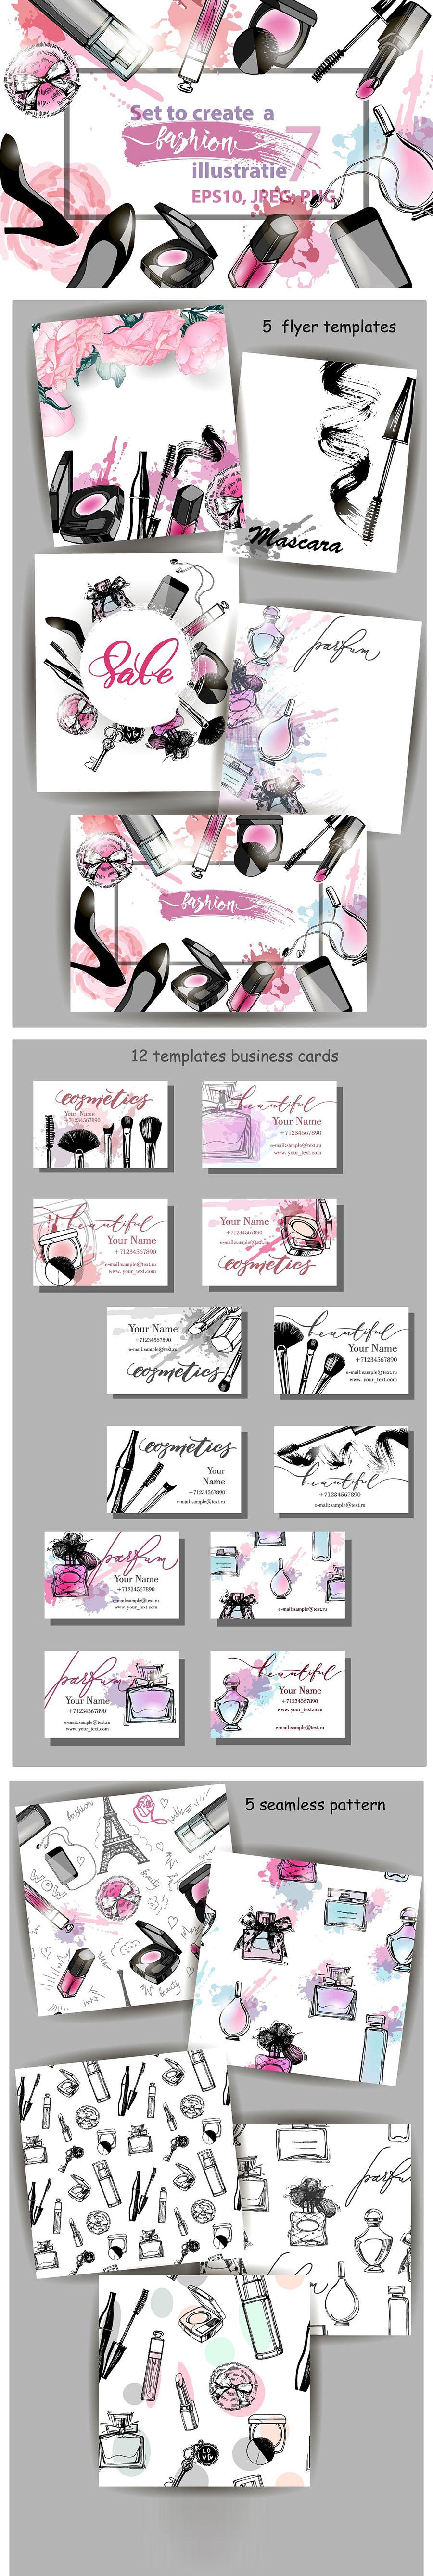 爱情场景电商营销活动必备的广告素材打包下载[eps,png]